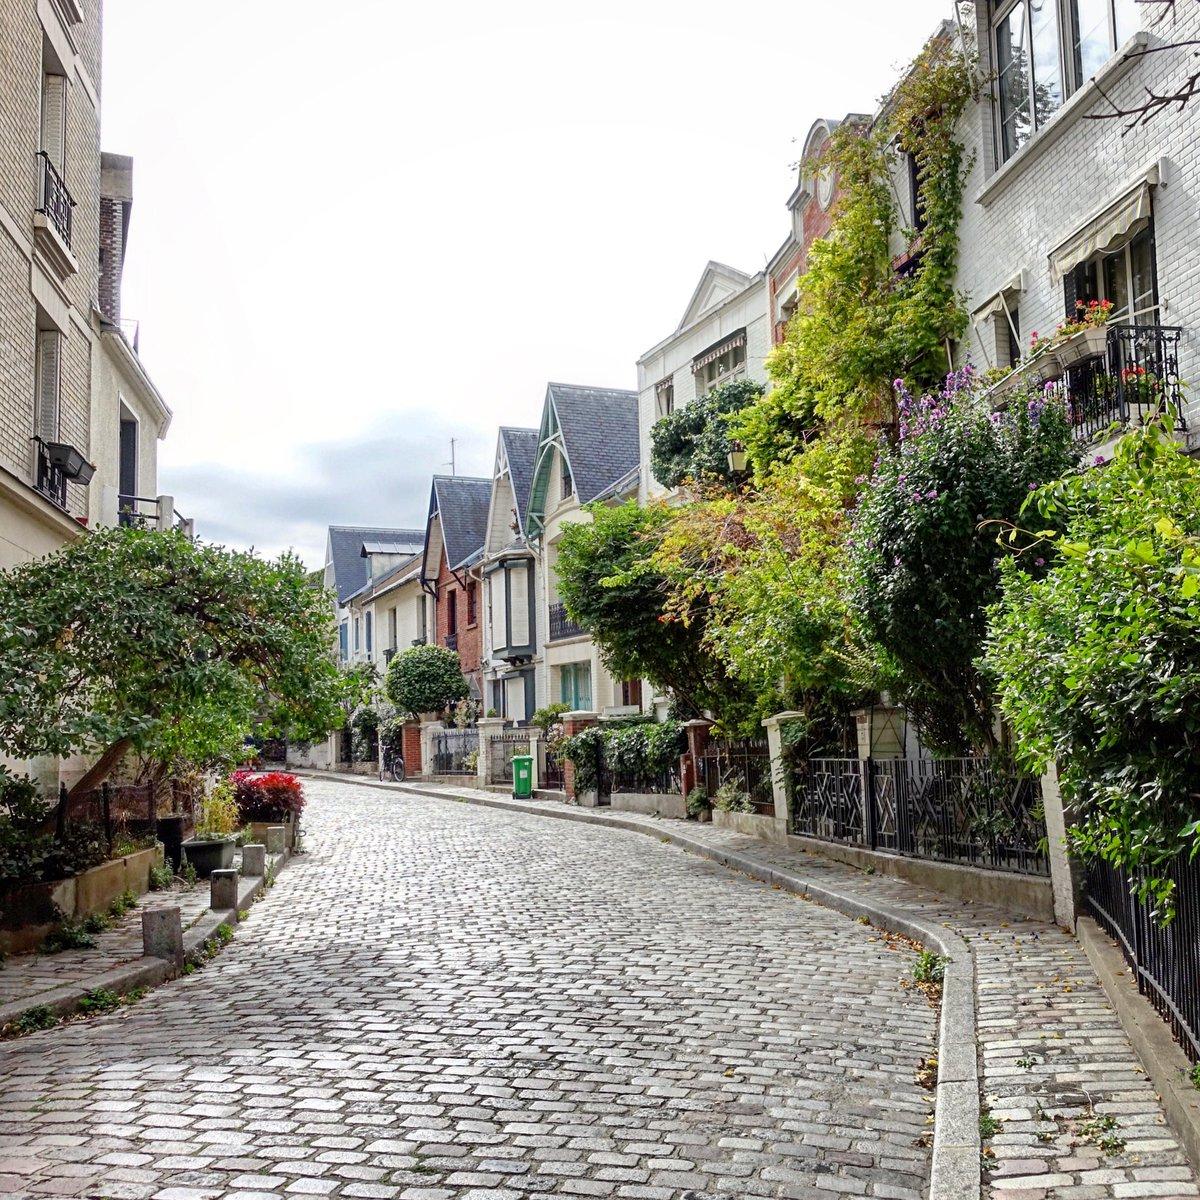 Villa Léandre à Montmartre, l'été dernier - Paris 18   #parisladouce #paris #pariscartepostale #parisjetaime #cityguide #pariscityguide #paris18 #villaleandre #streetsofparis #thisisparis #parismaville #montmartre